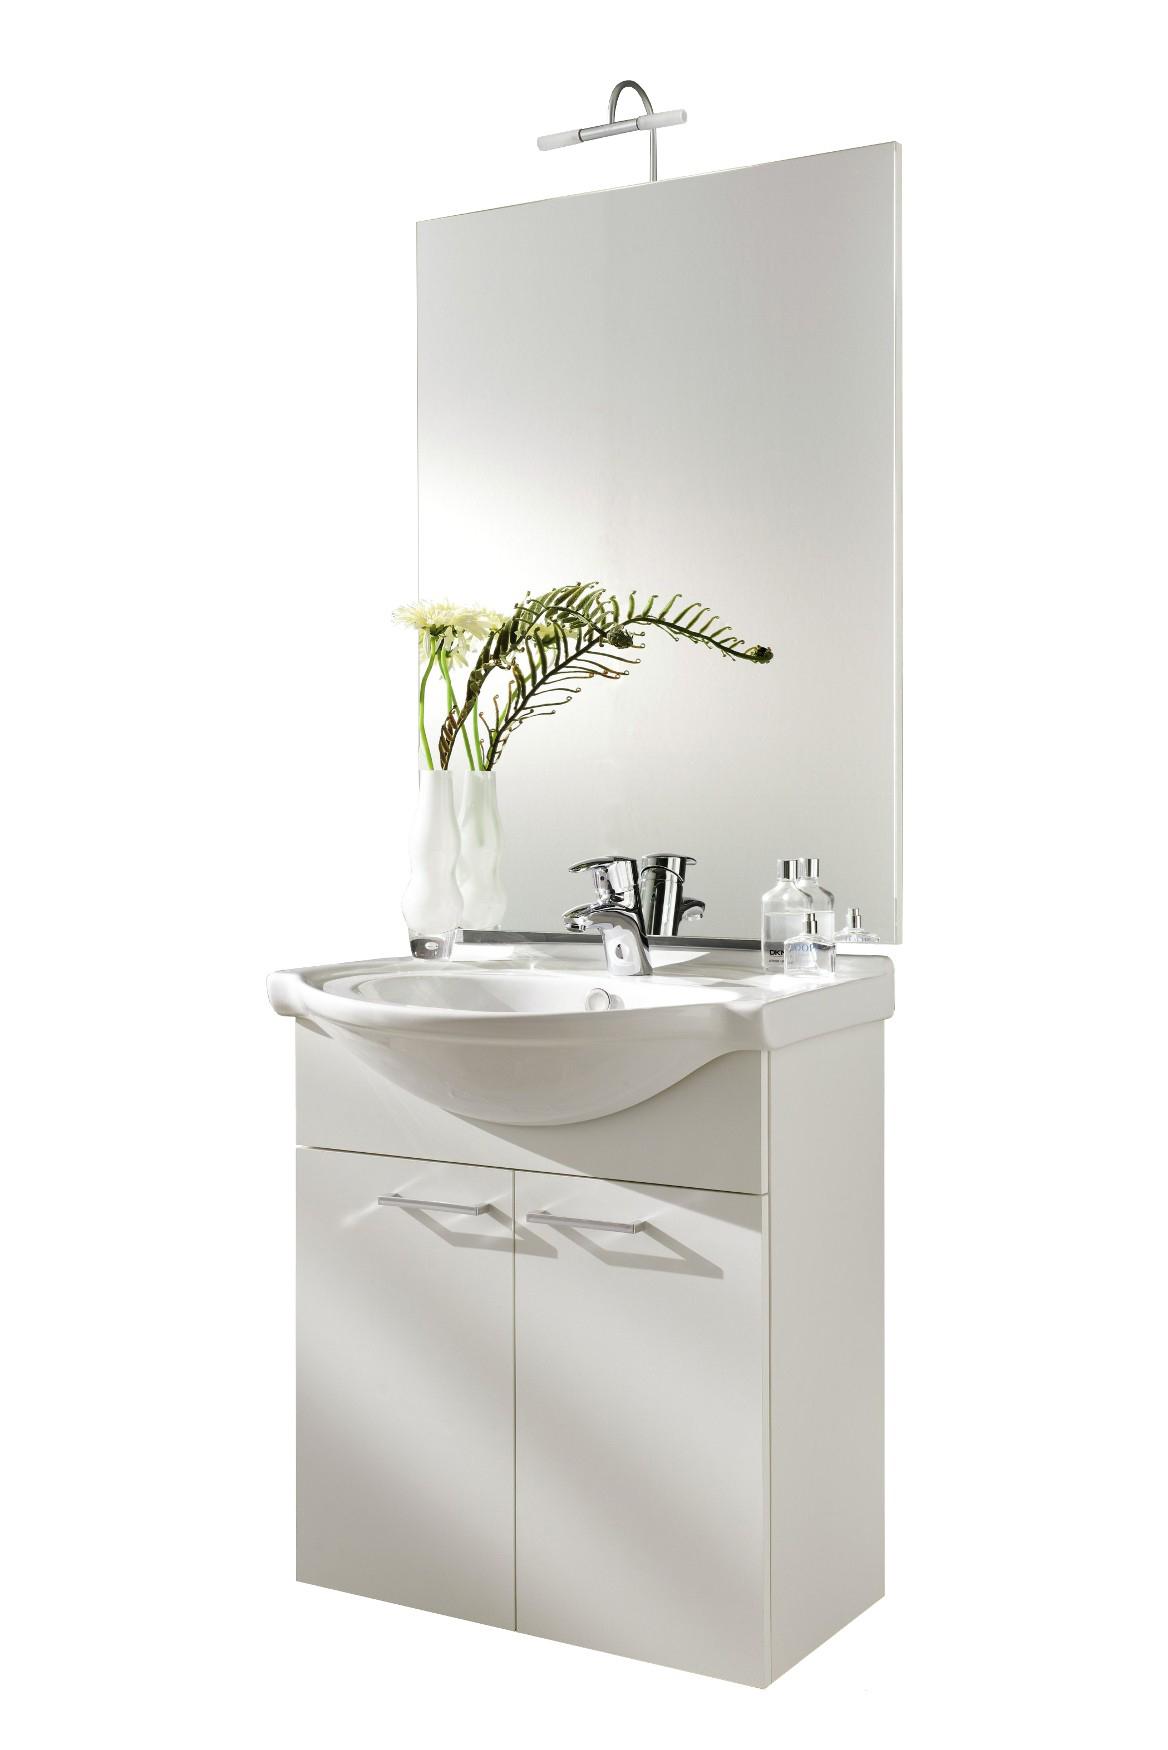 Waschplatz ADELANO - 4-teilig - 67 cm breit - Weiß Bad Badmöbelsets